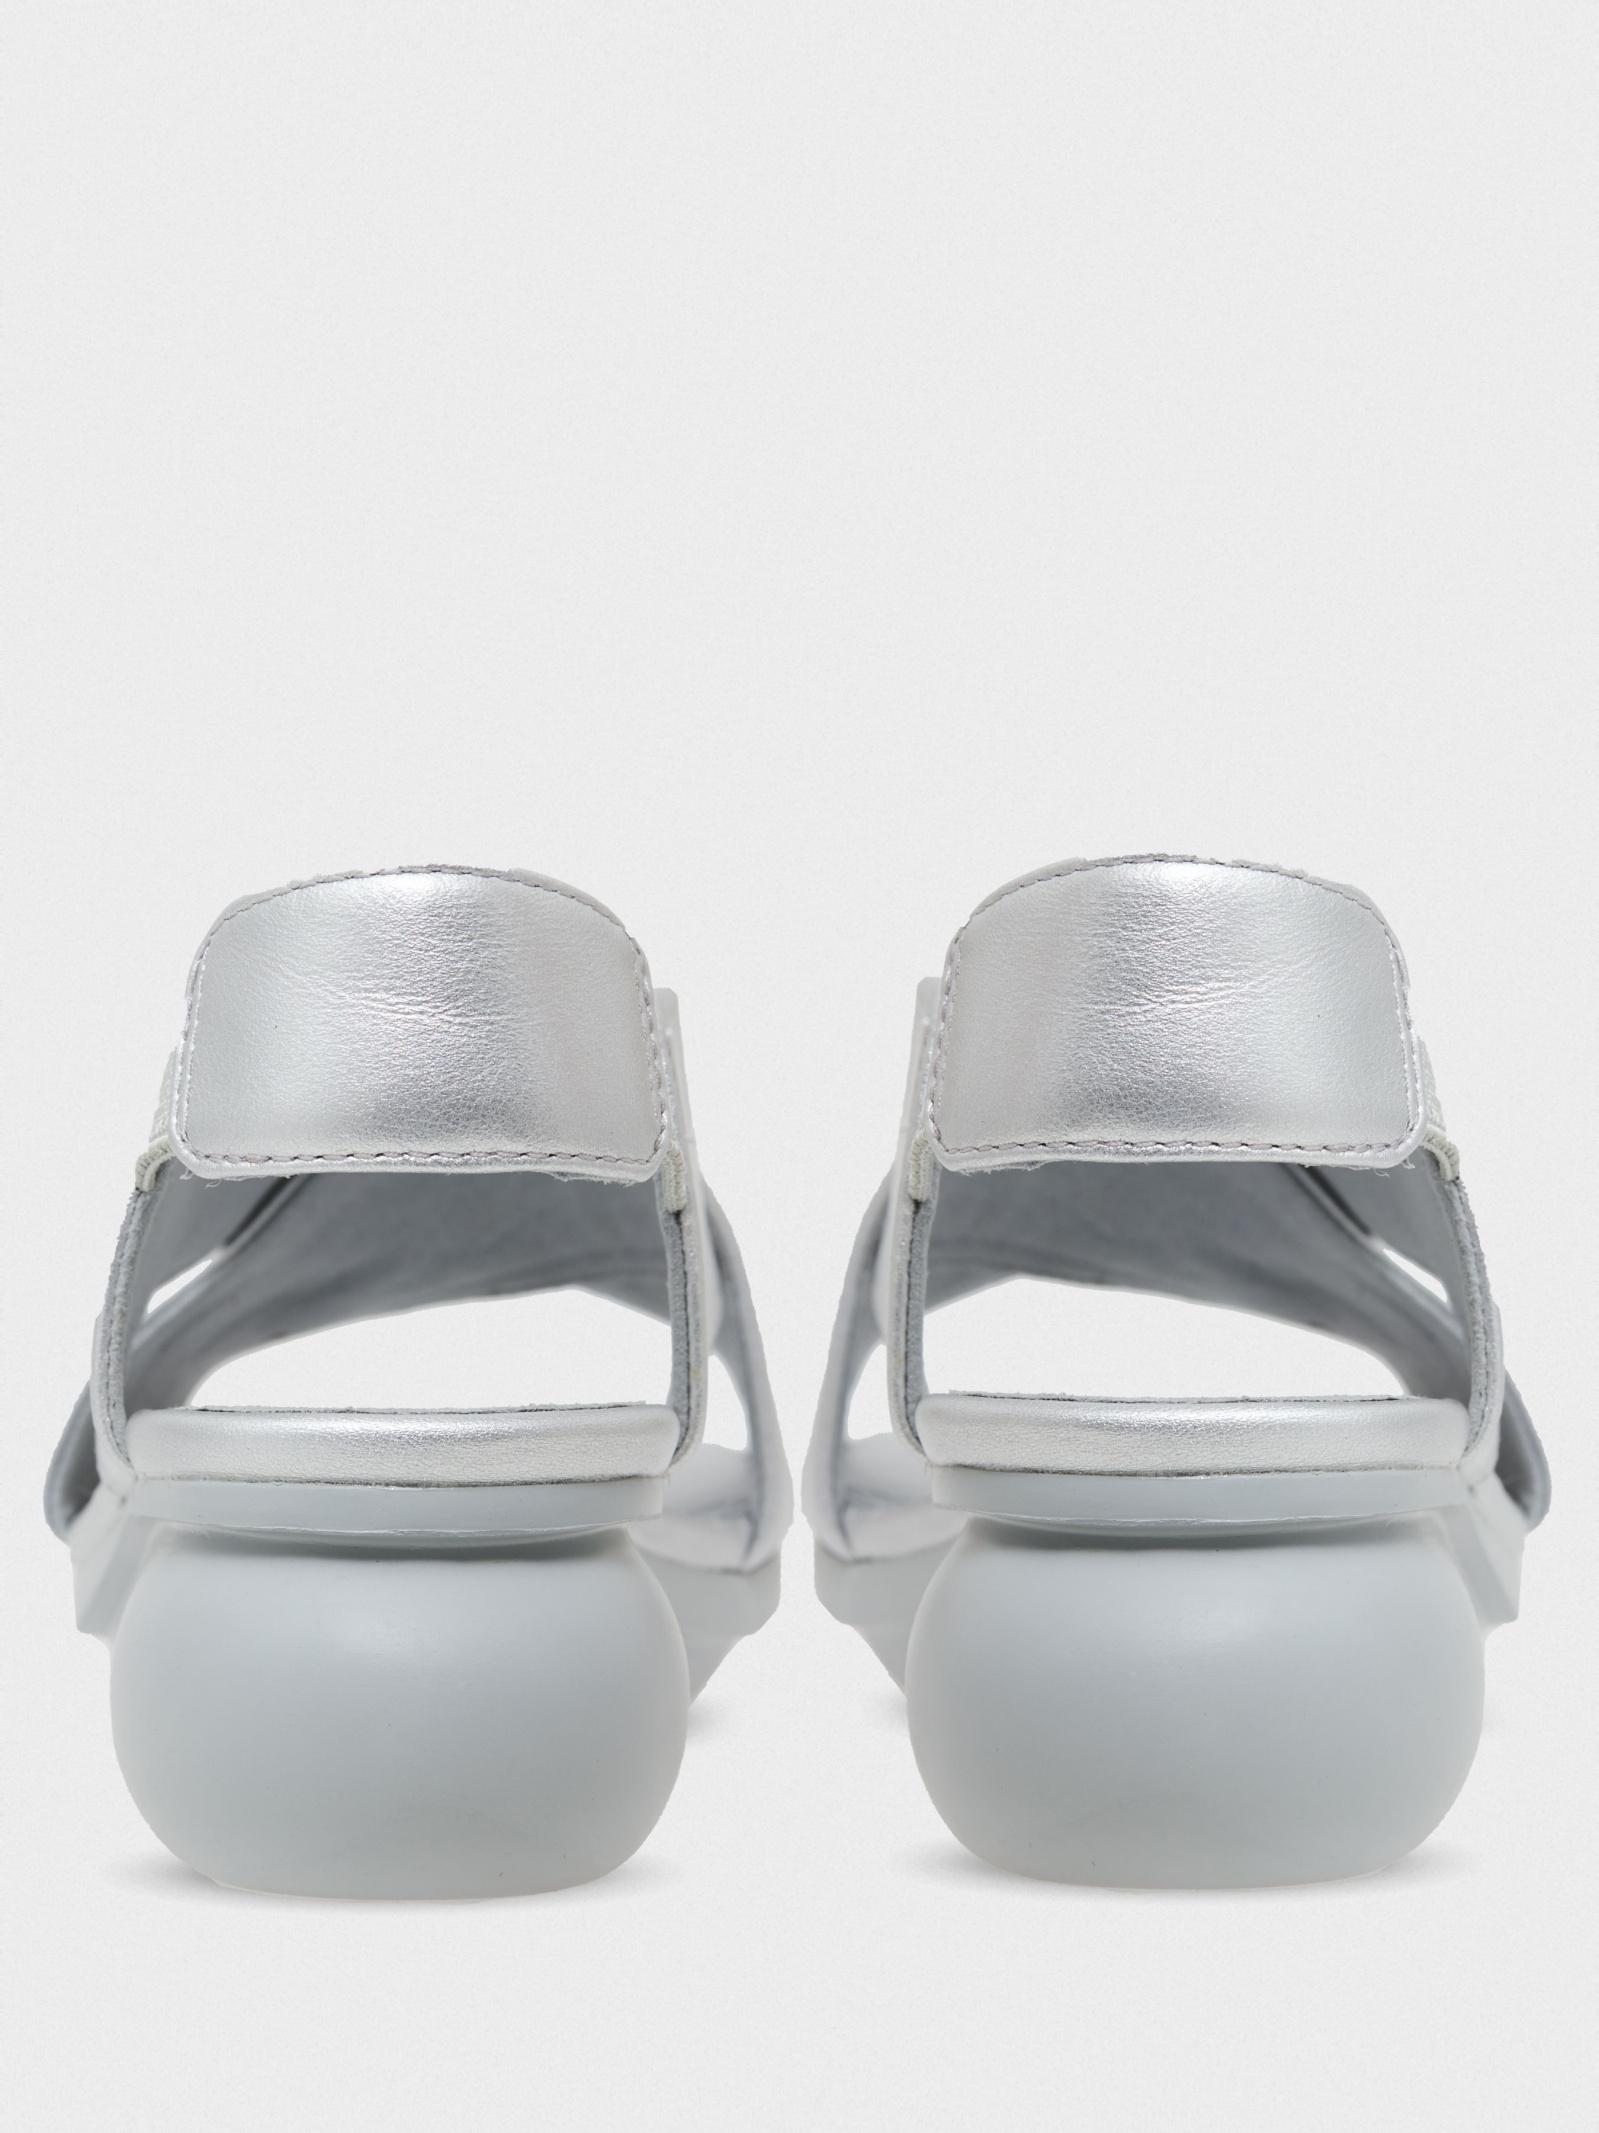 Сандалии для женщин Camper Balloon AW1085 купить обувь, 2017